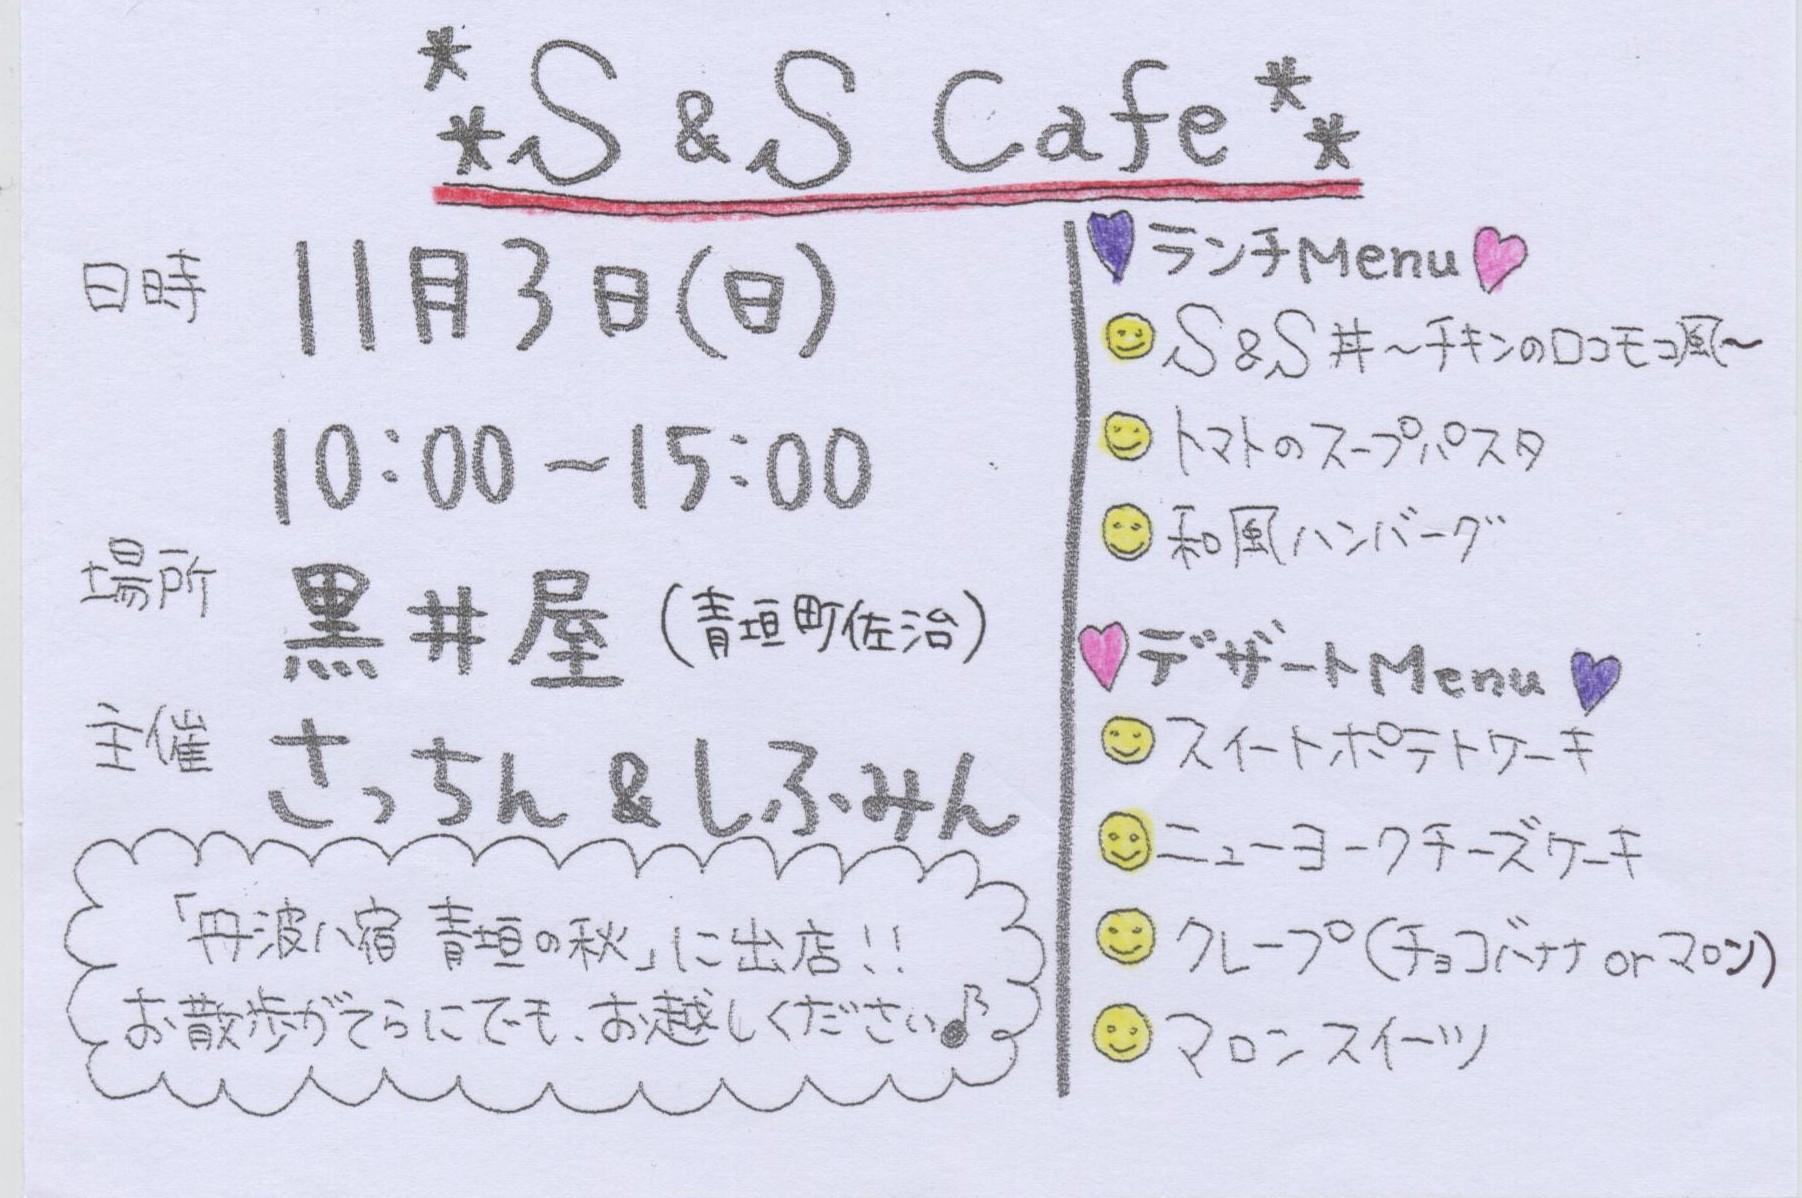 11/3(日)は、八宿祭り!!_b0116276_16254930.jpg